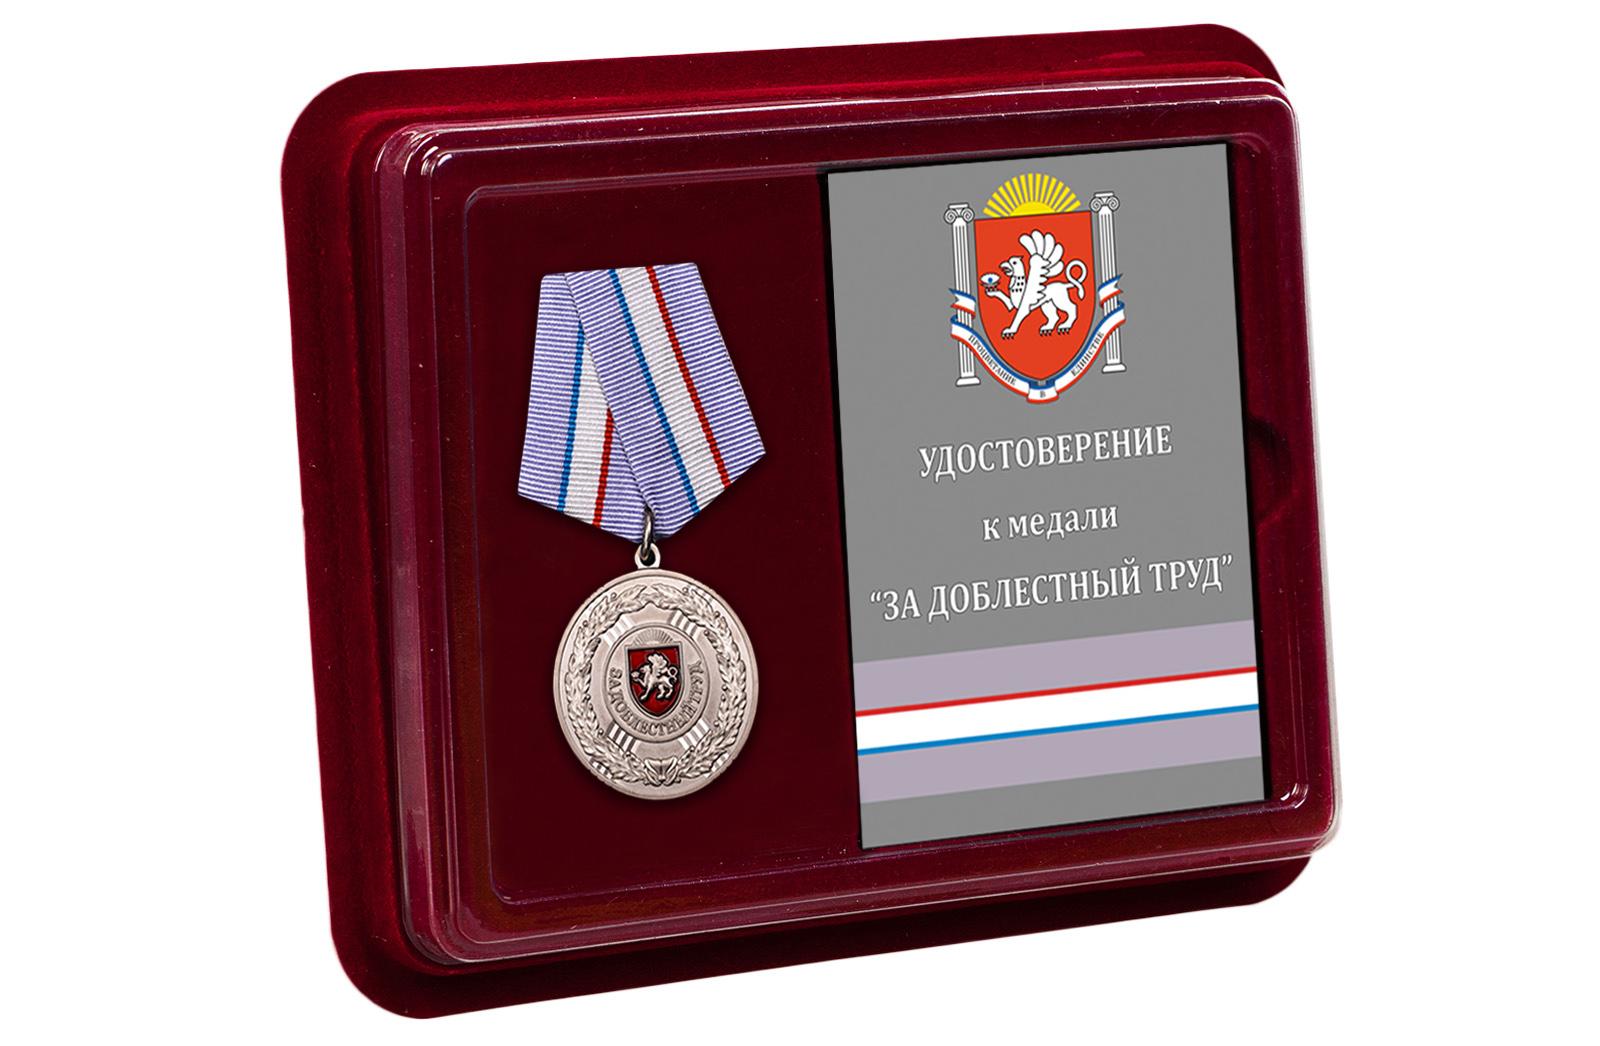 Купить медаль Крыма За доблестный труд оптом или в розницу